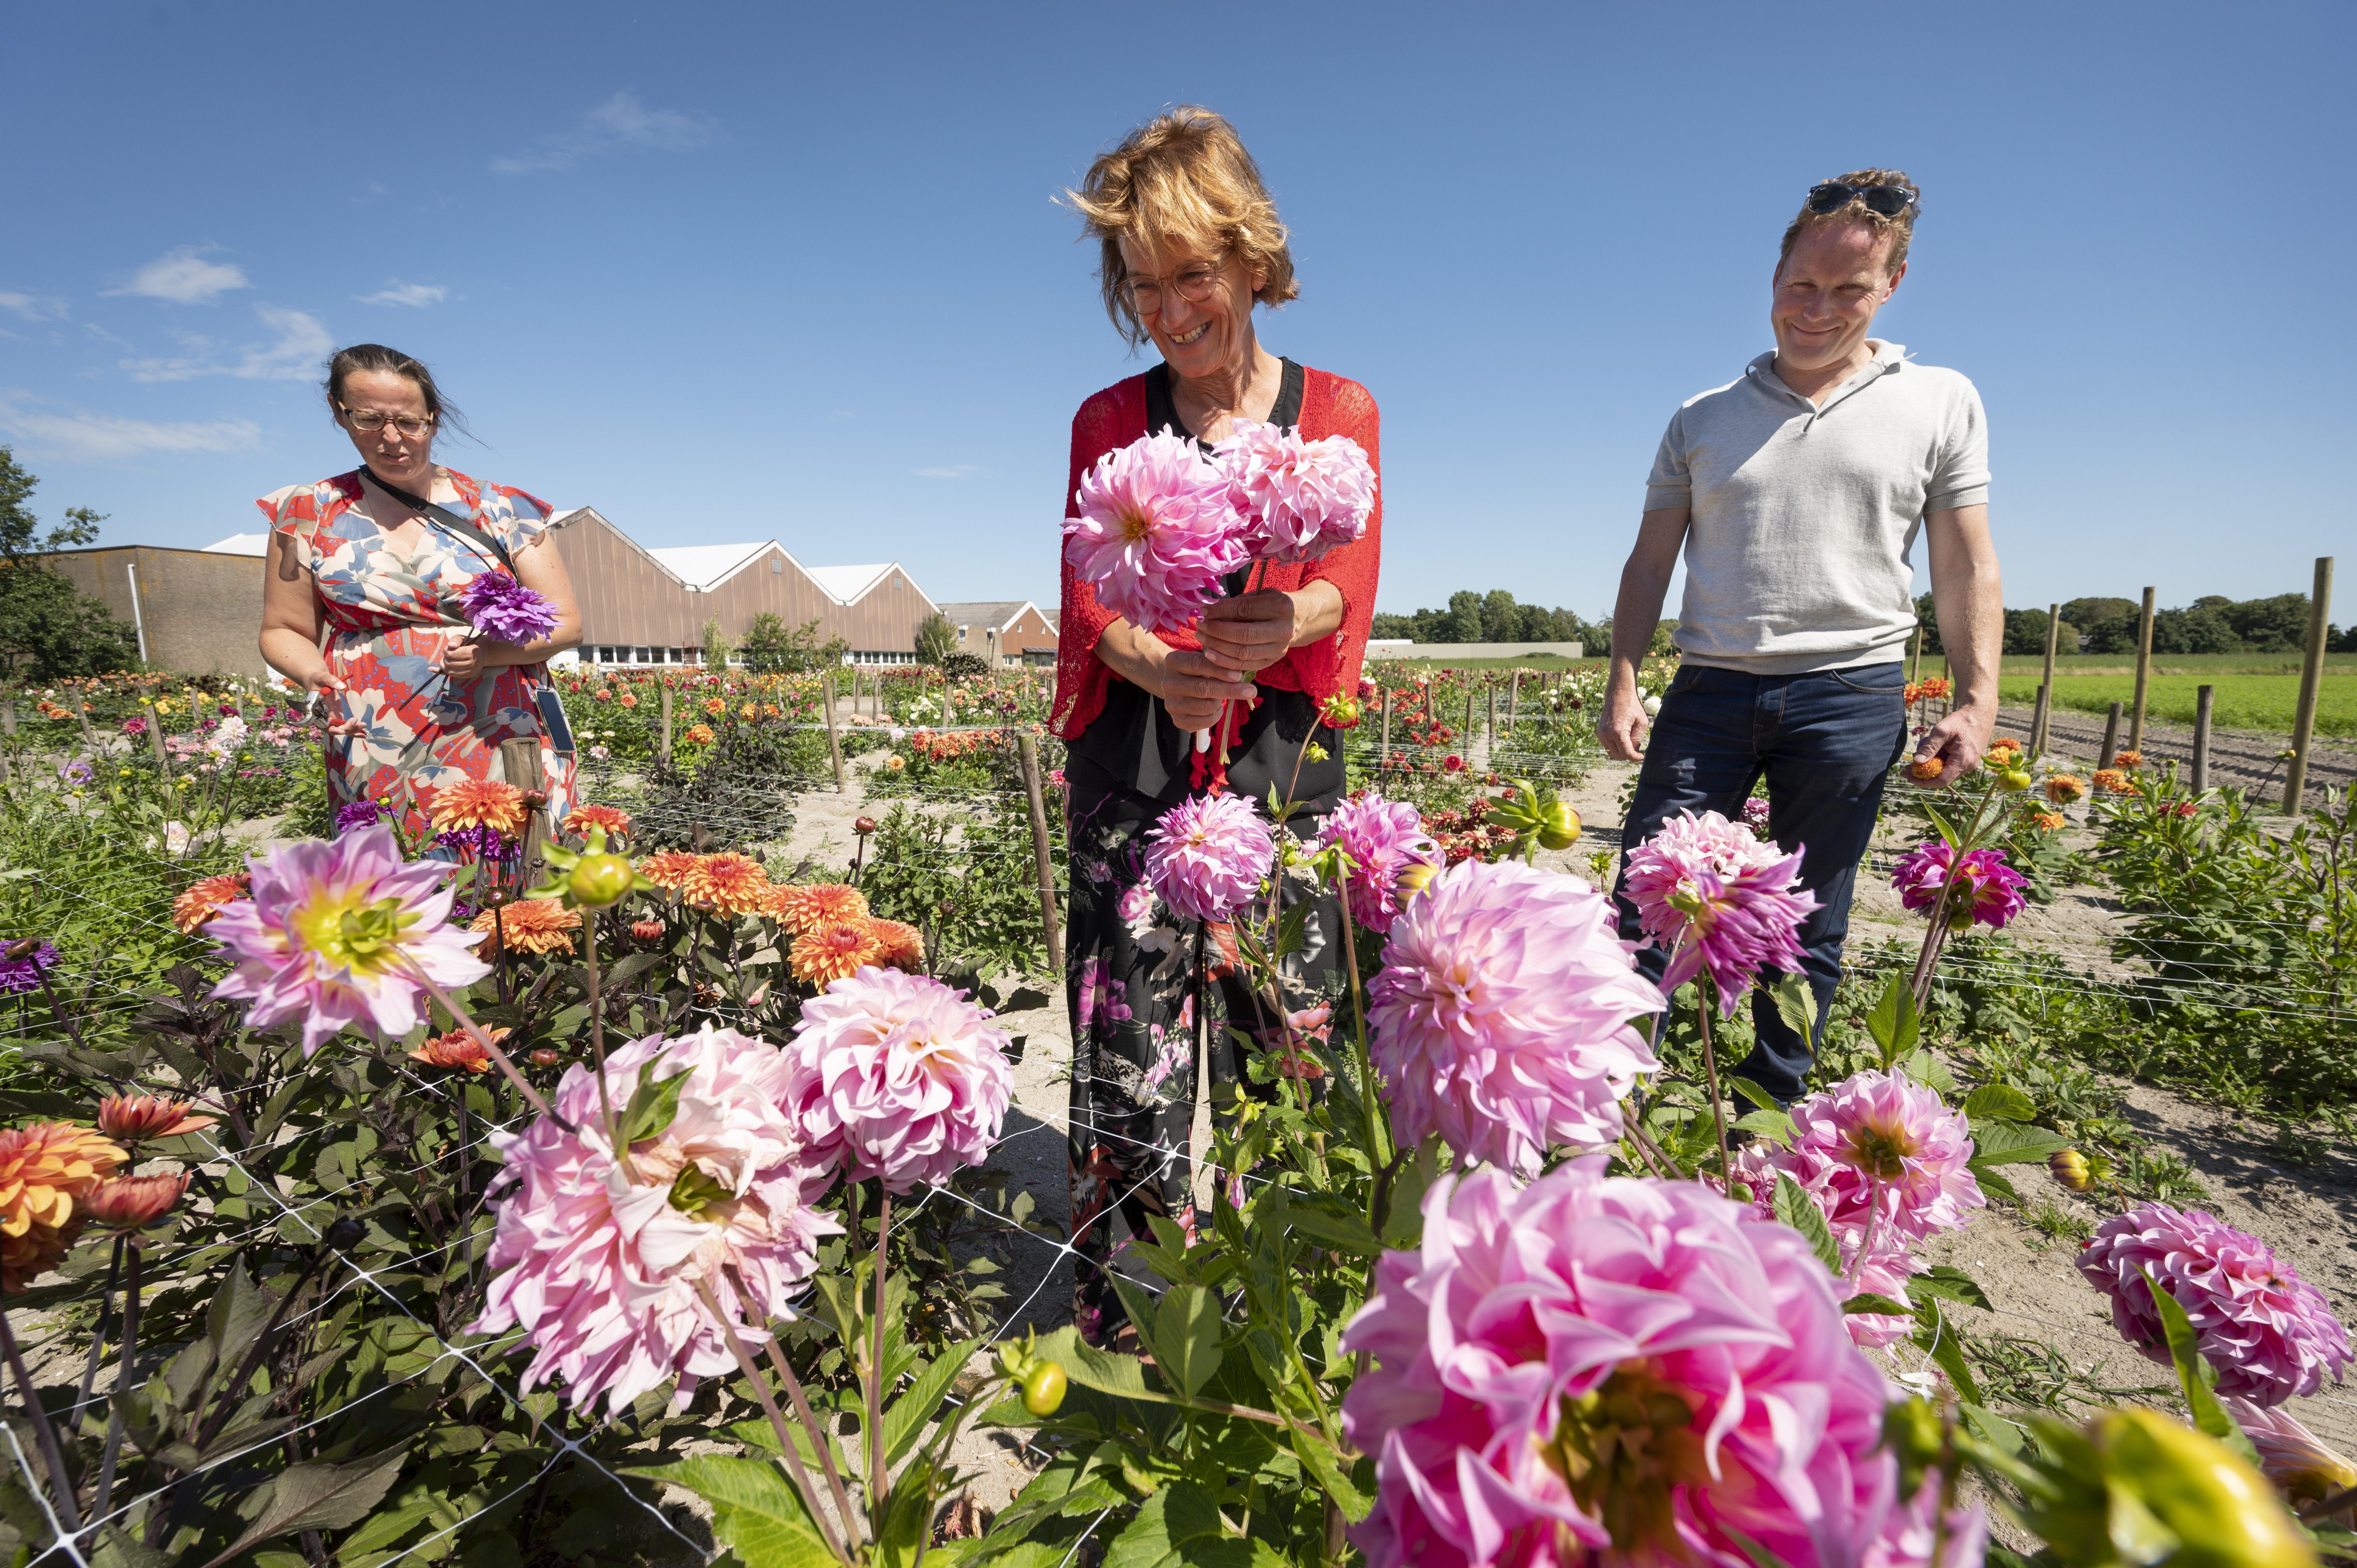 Bloggers maken boerenplant populair; Holland Dahlia Event in Bollenstreek dit jaar kleinschalig door corona